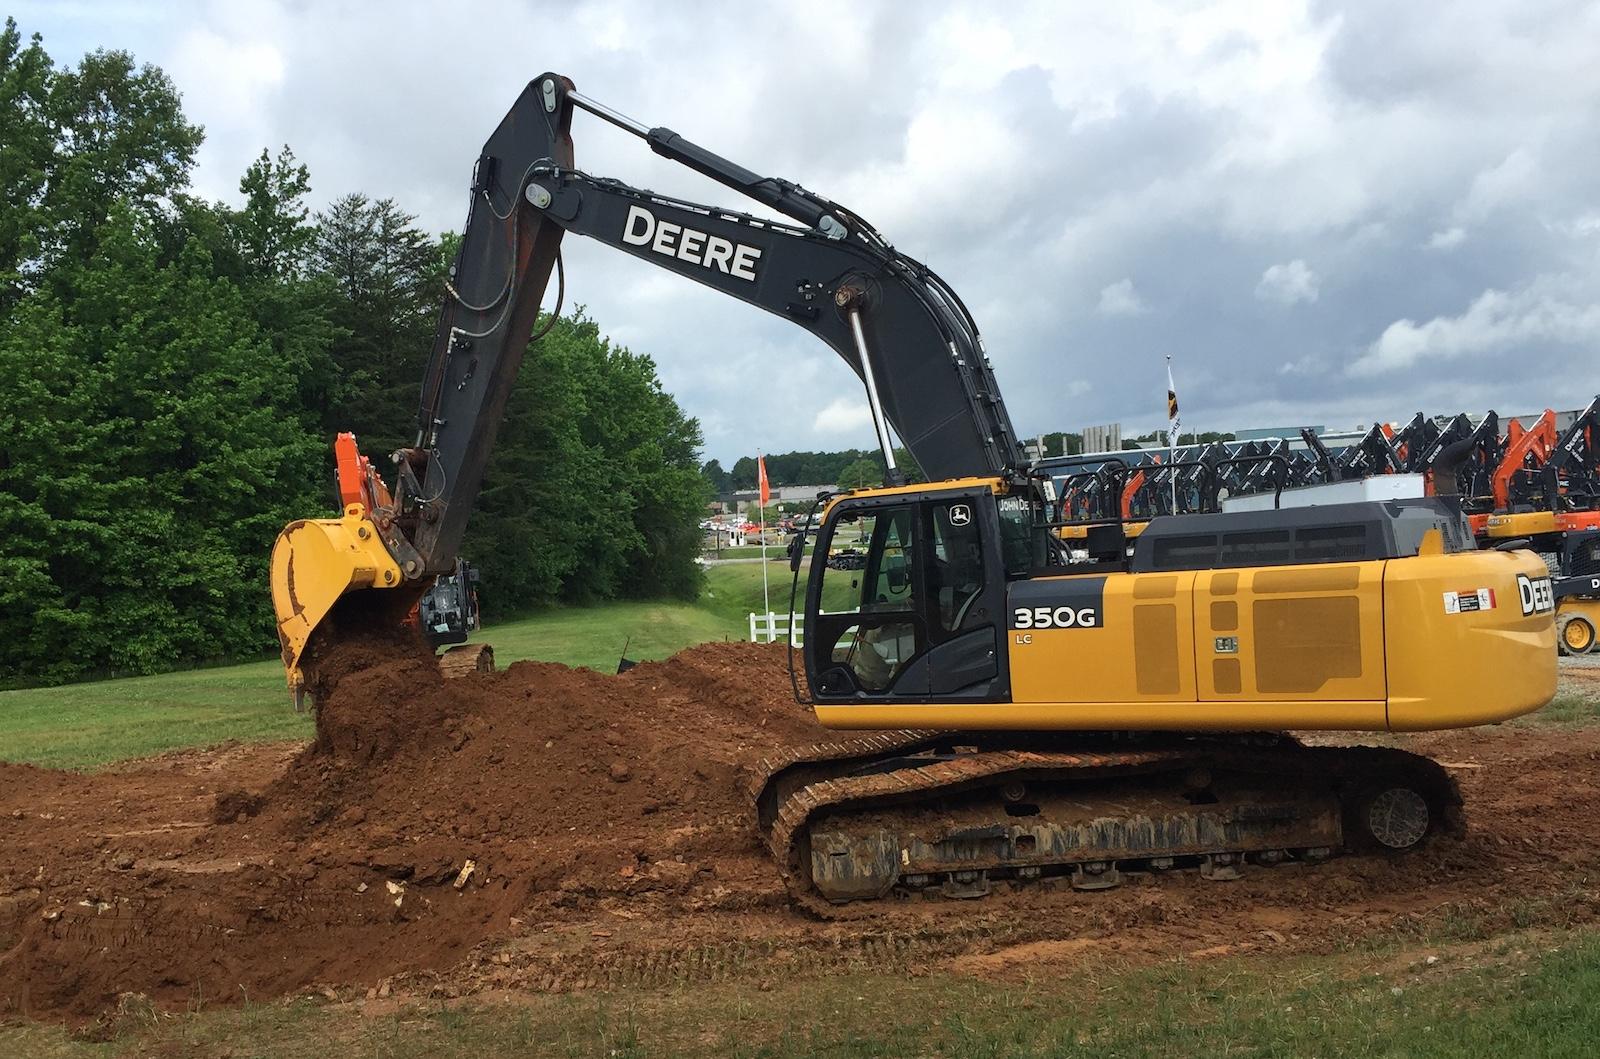 John Deere to Offer Grade Guidance on Excavators